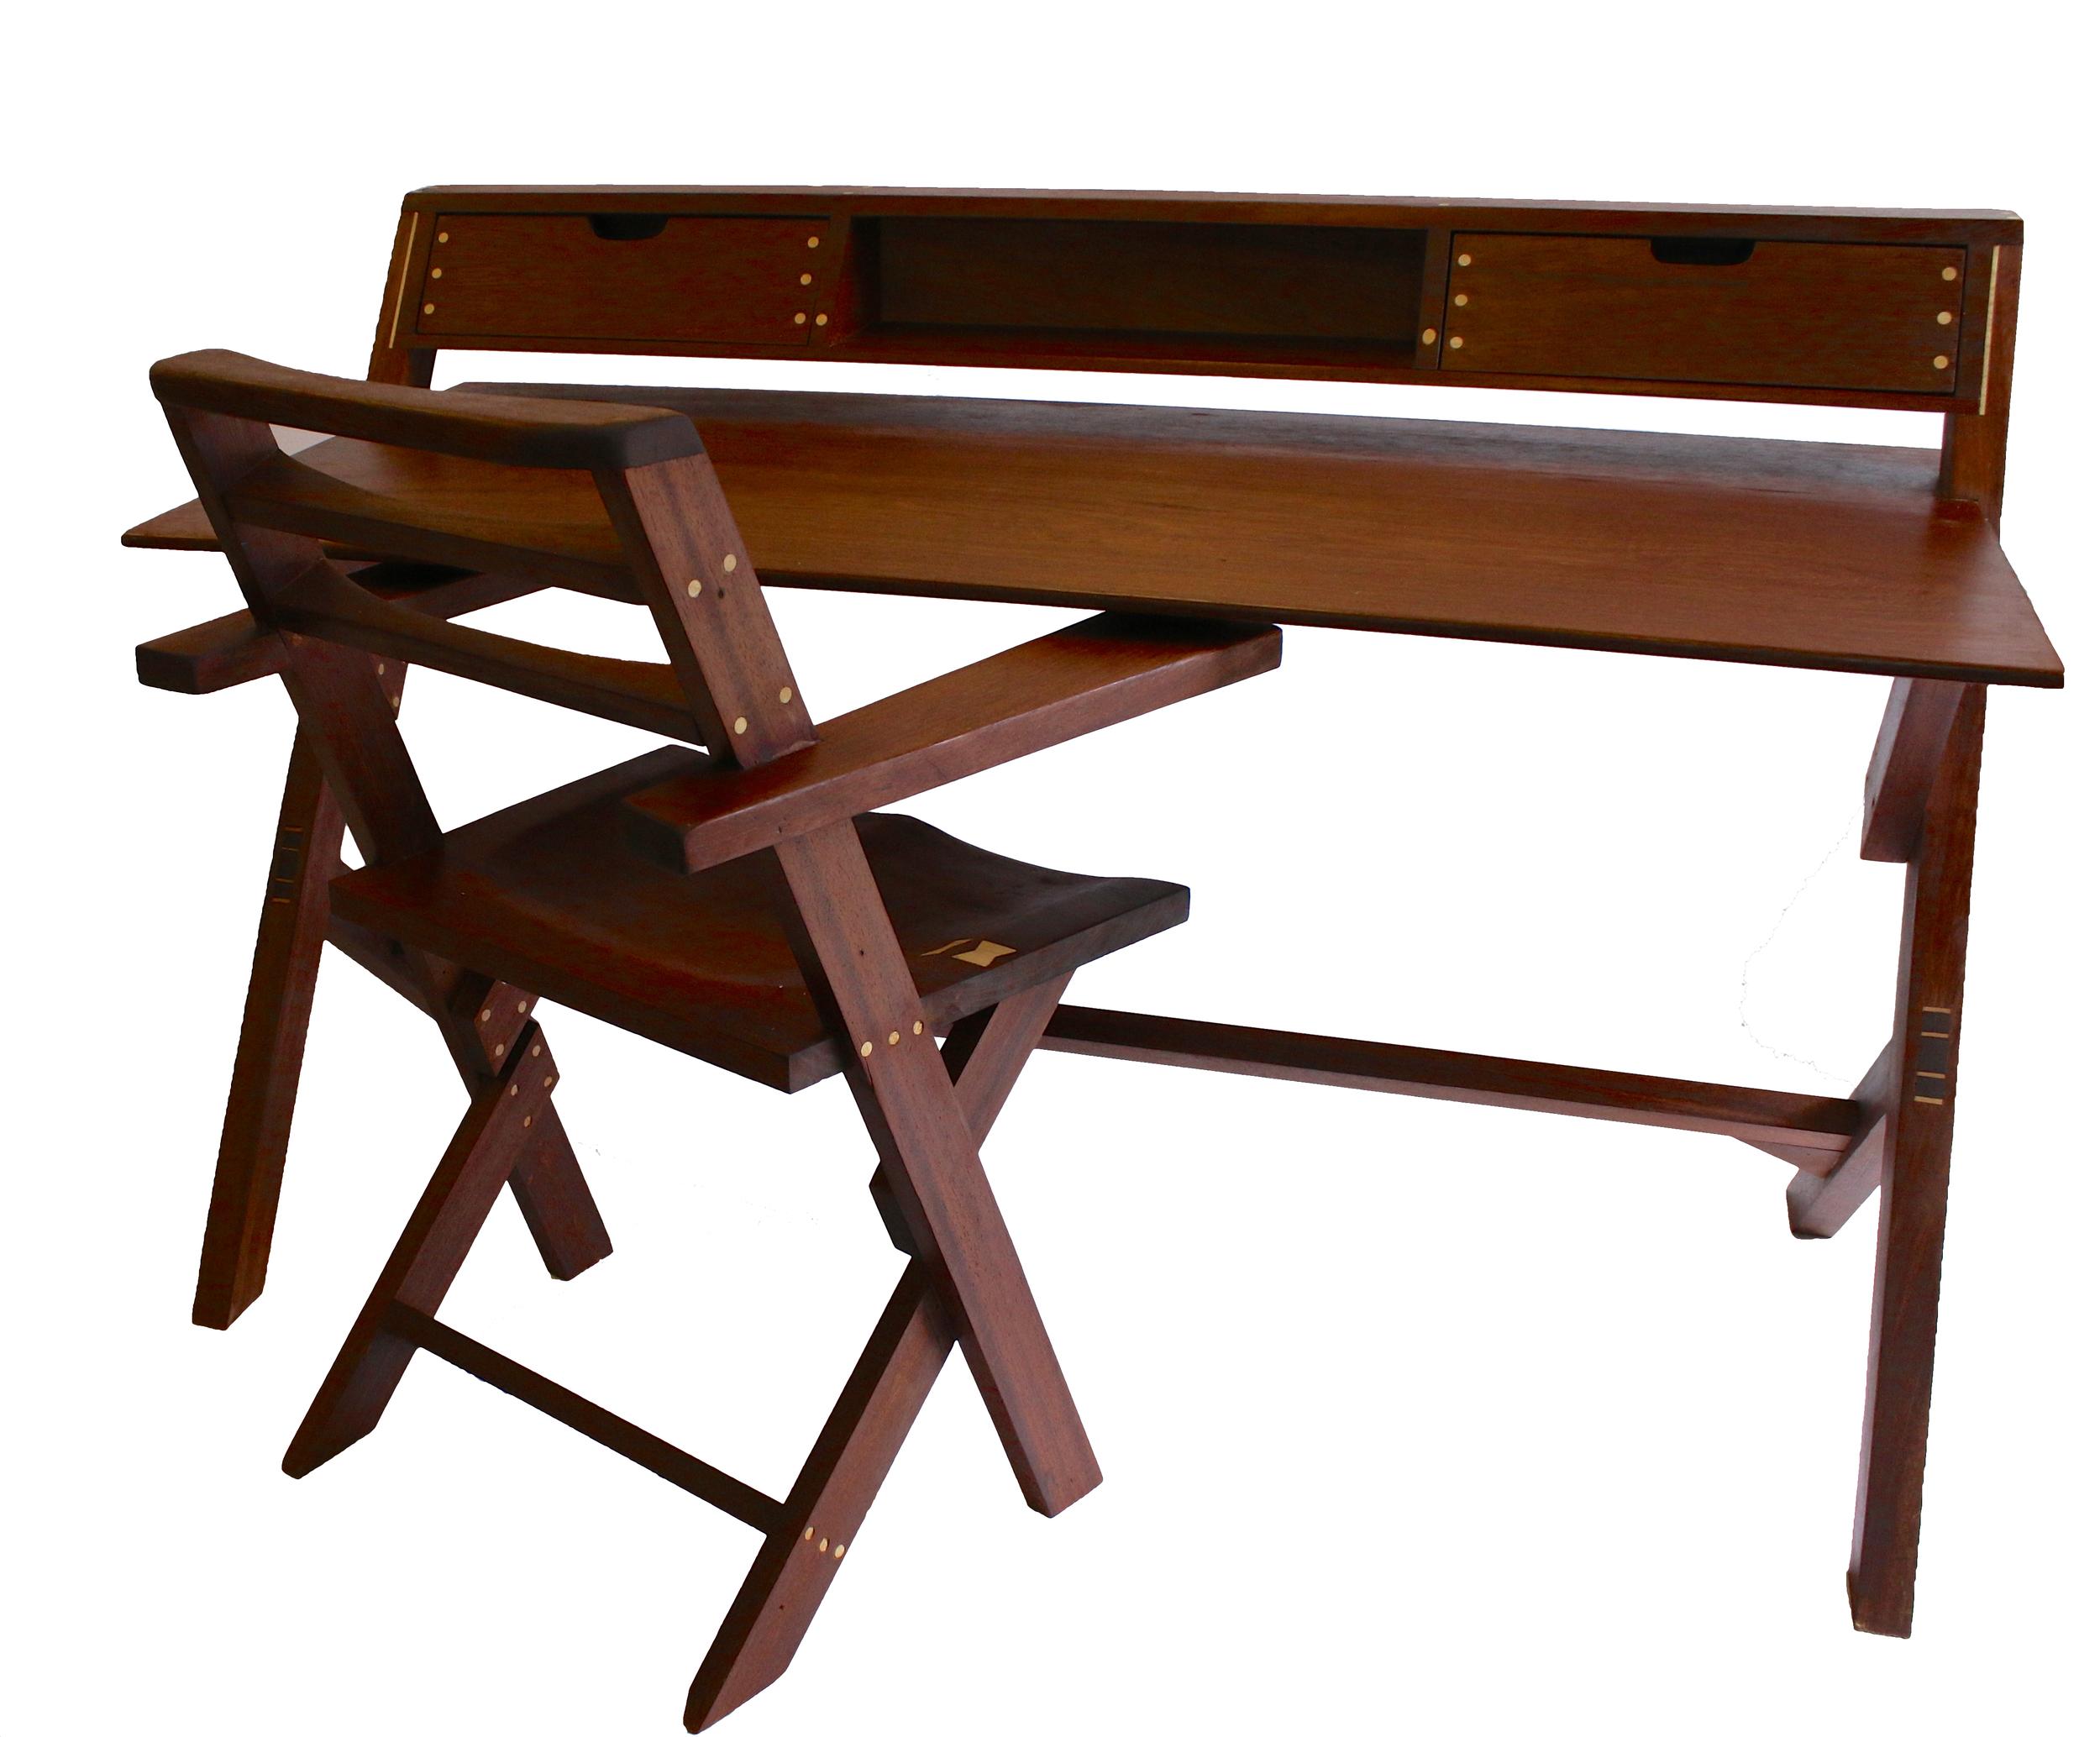 Cantelevered desk